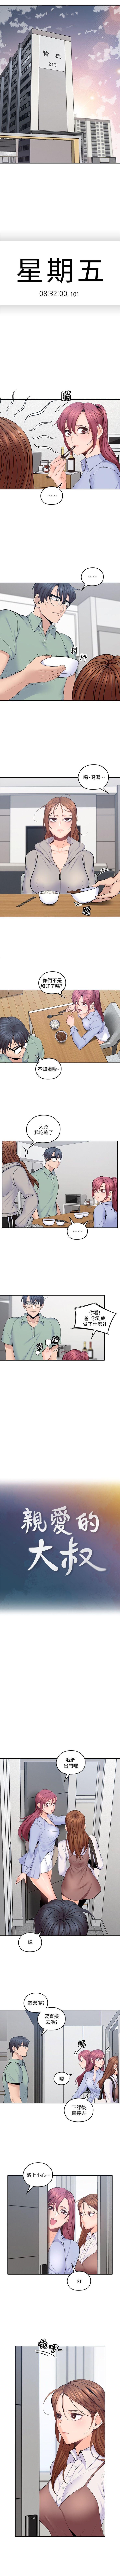 (週4)親愛的大叔 1-39 中文翻譯(更新中) 114